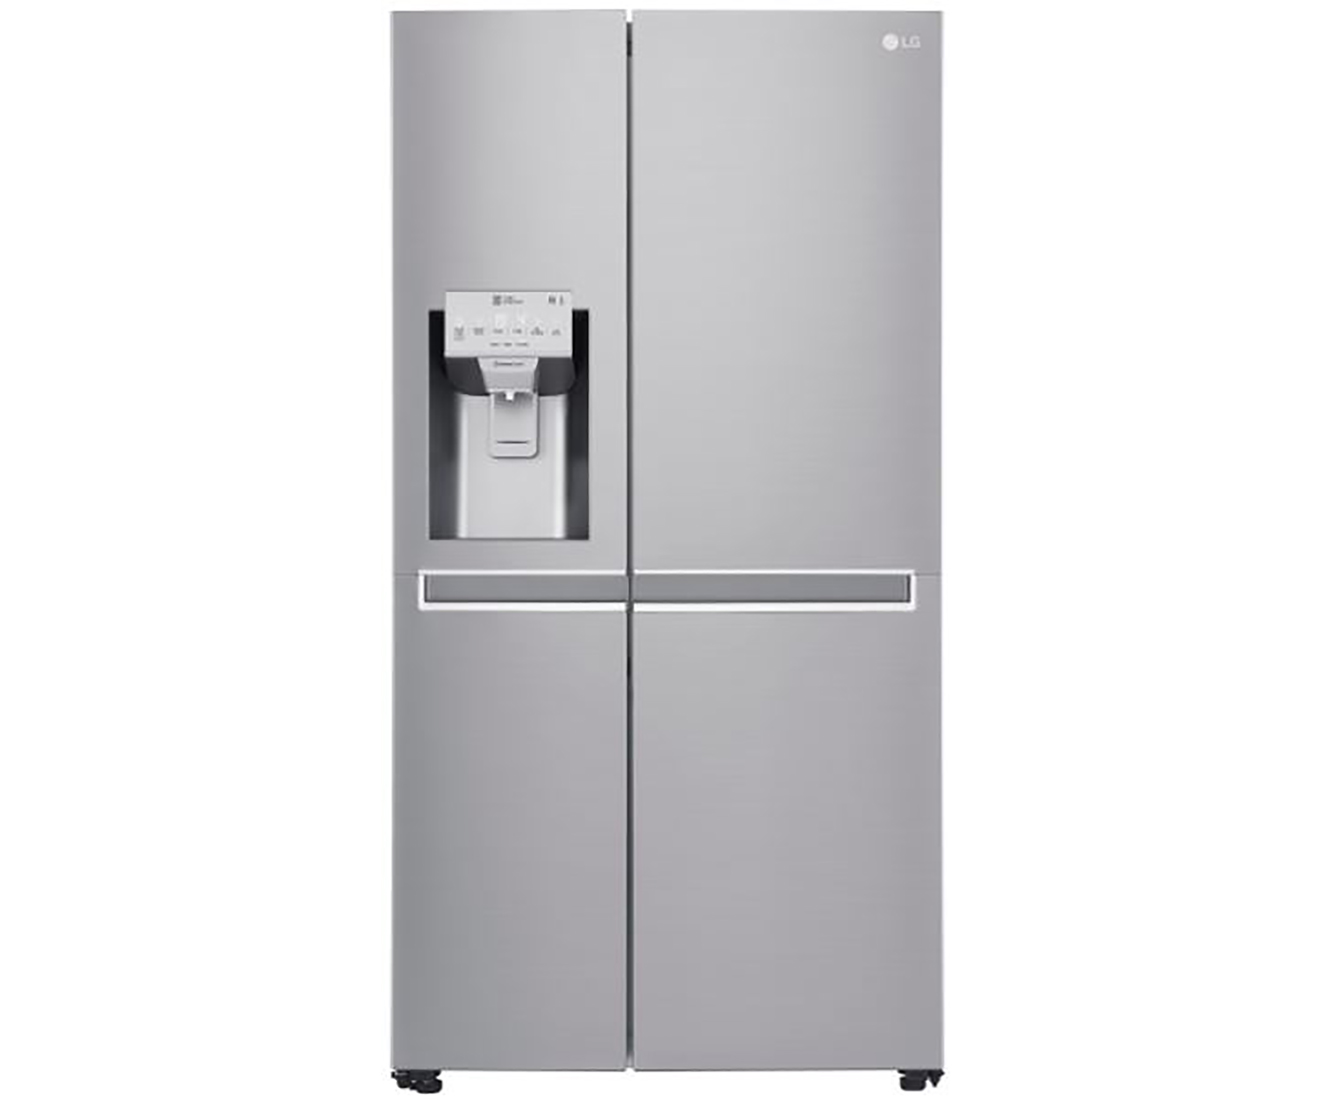 Amerikanischer Kühlschrank Maße : Lg gsl nebf amerikanischer side by side mit wasserspender